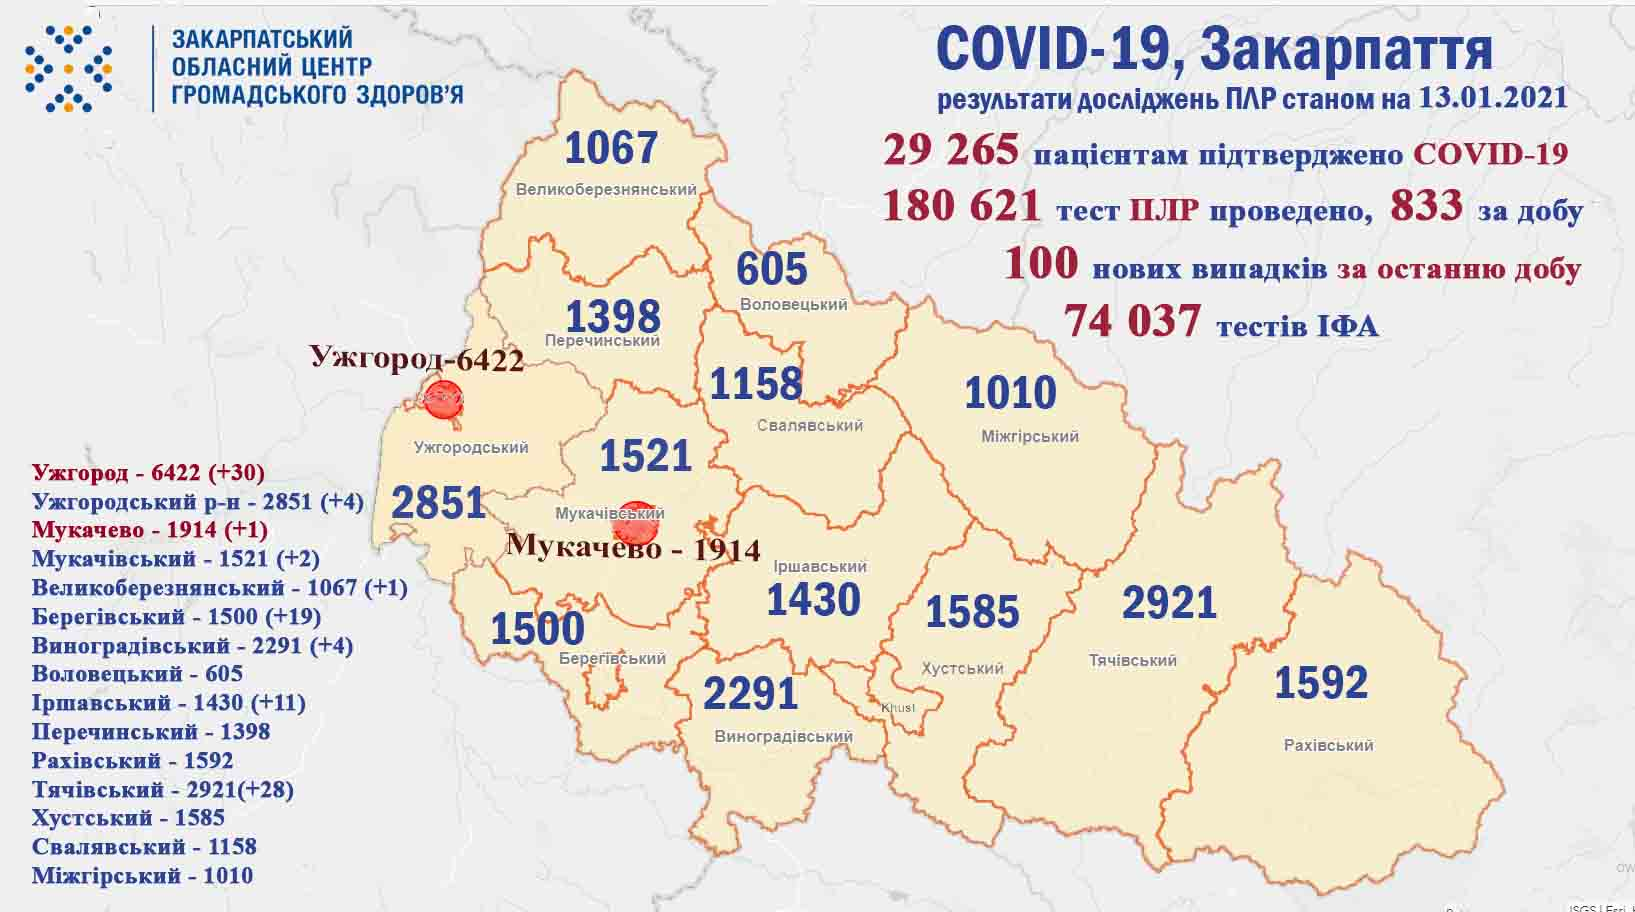 100 нових випадків COVID-19 виявили за добу на Закарпатті